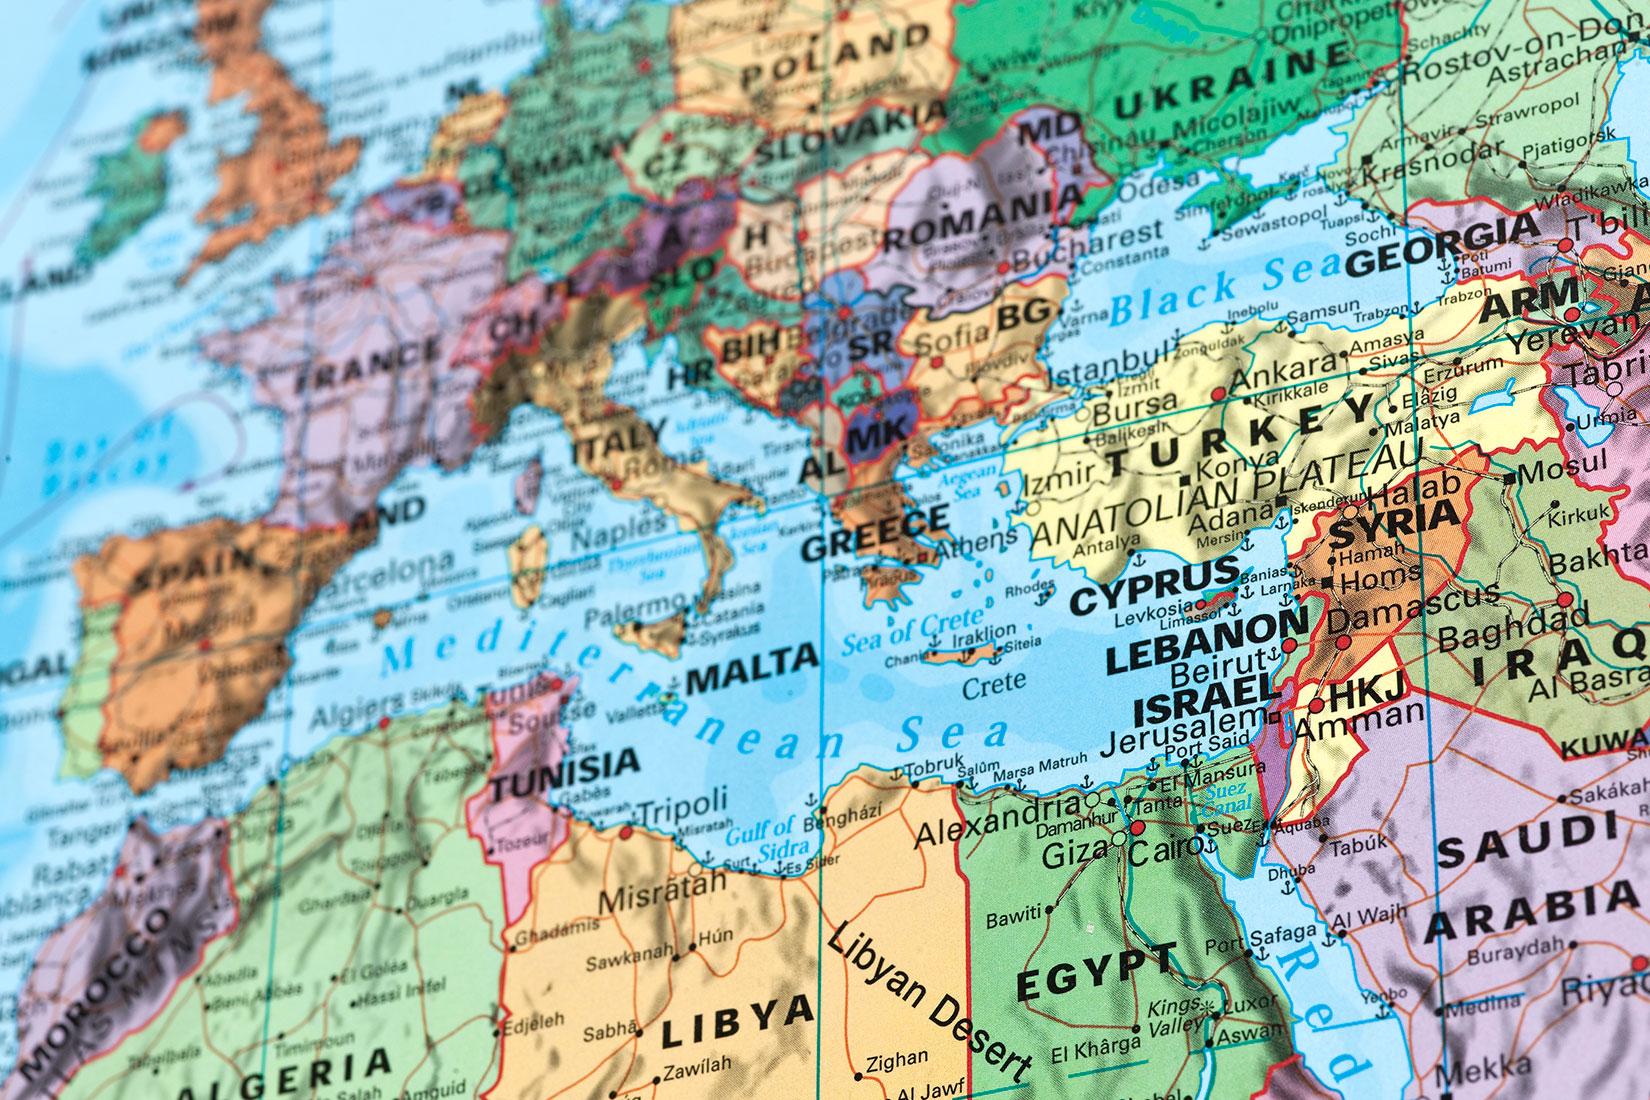 東地中海のエネルギー開発と地政学的競争(1)<br>エジプトとイスラエルの接近、トルコと周辺国の対立